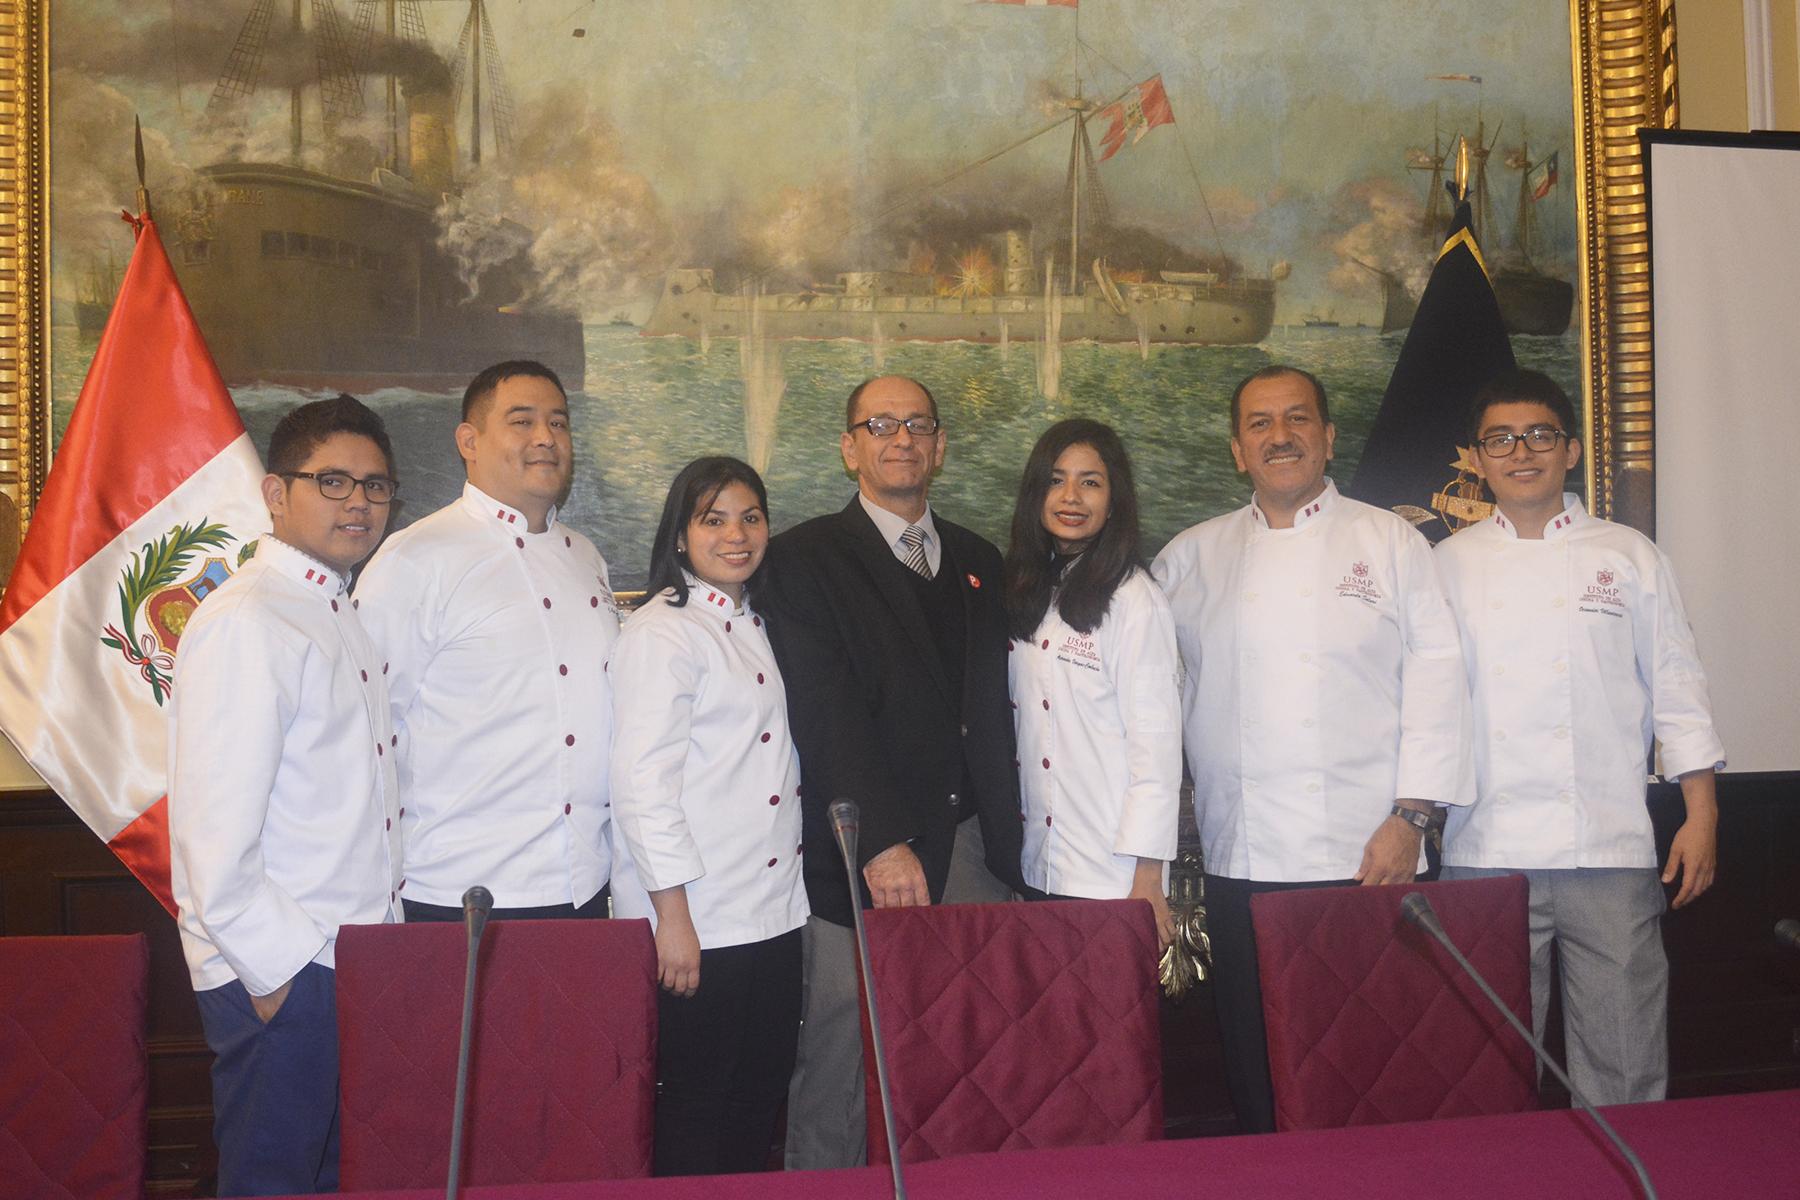 IACG Participó En Homenaje A Chef Toshiro Konishi En El Congreso De La República